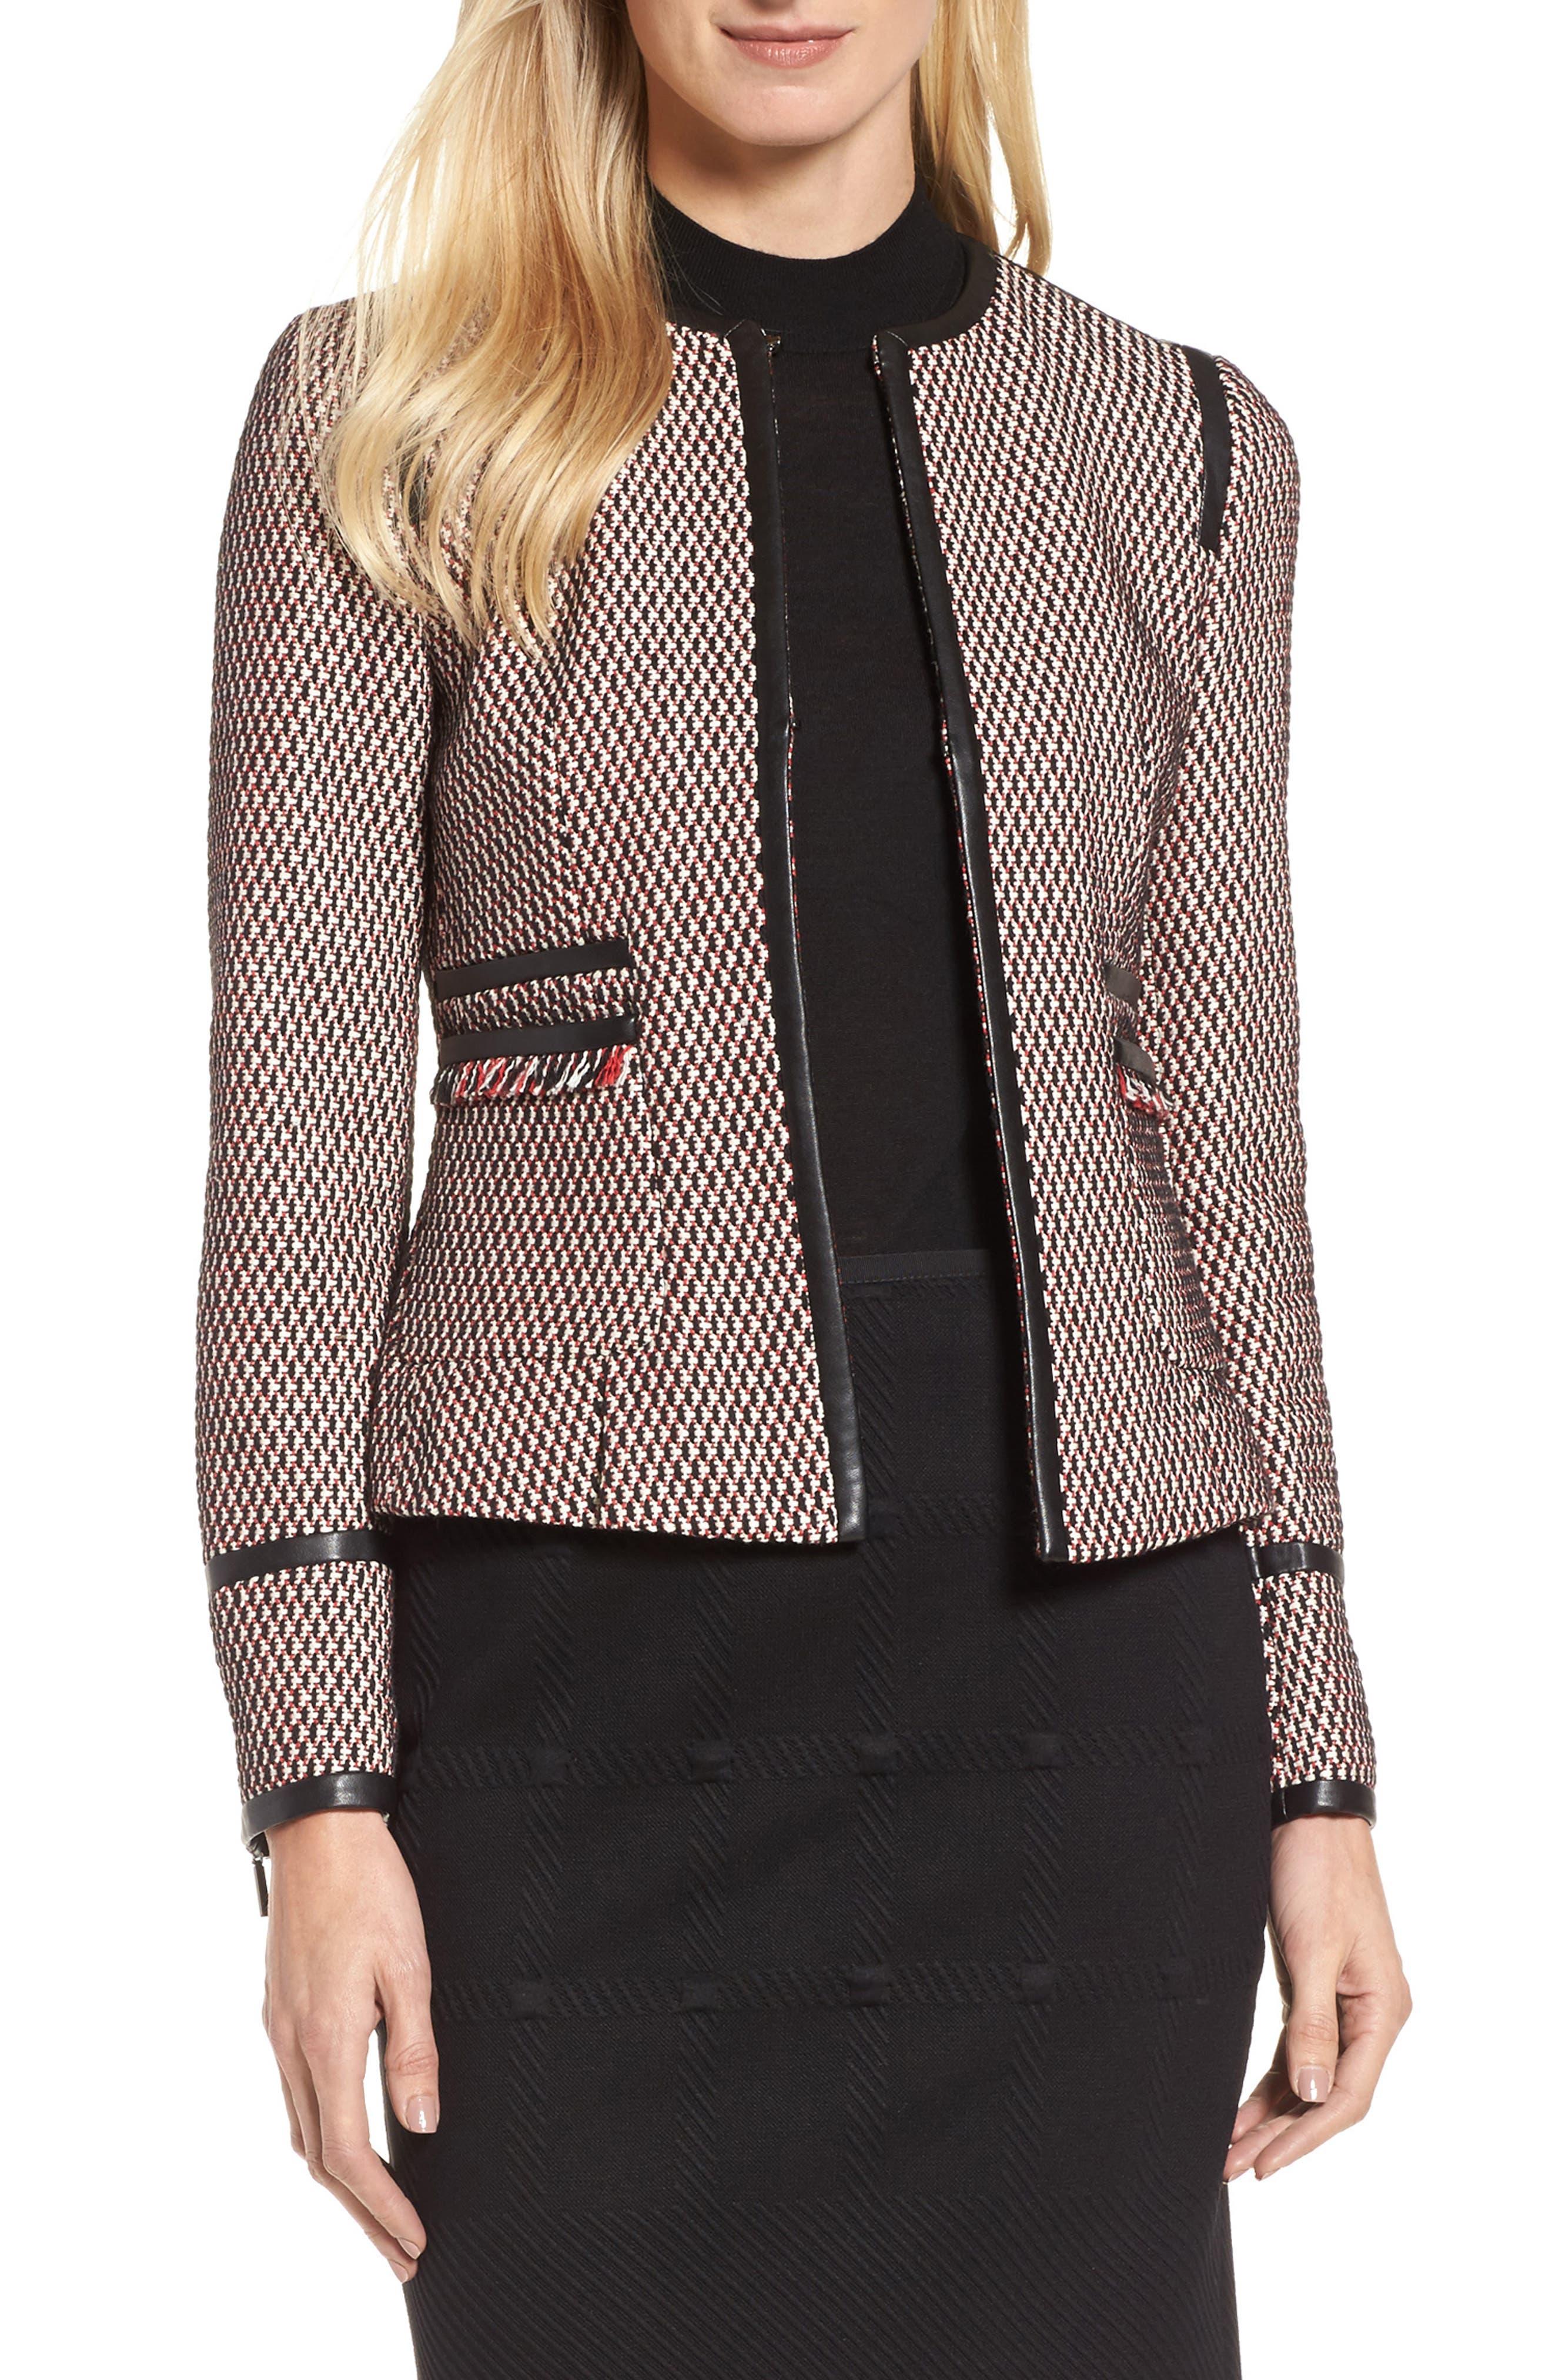 Keili Collarless Tweed Jacket,                             Main thumbnail 1, color,                             Vanilla Fantasy